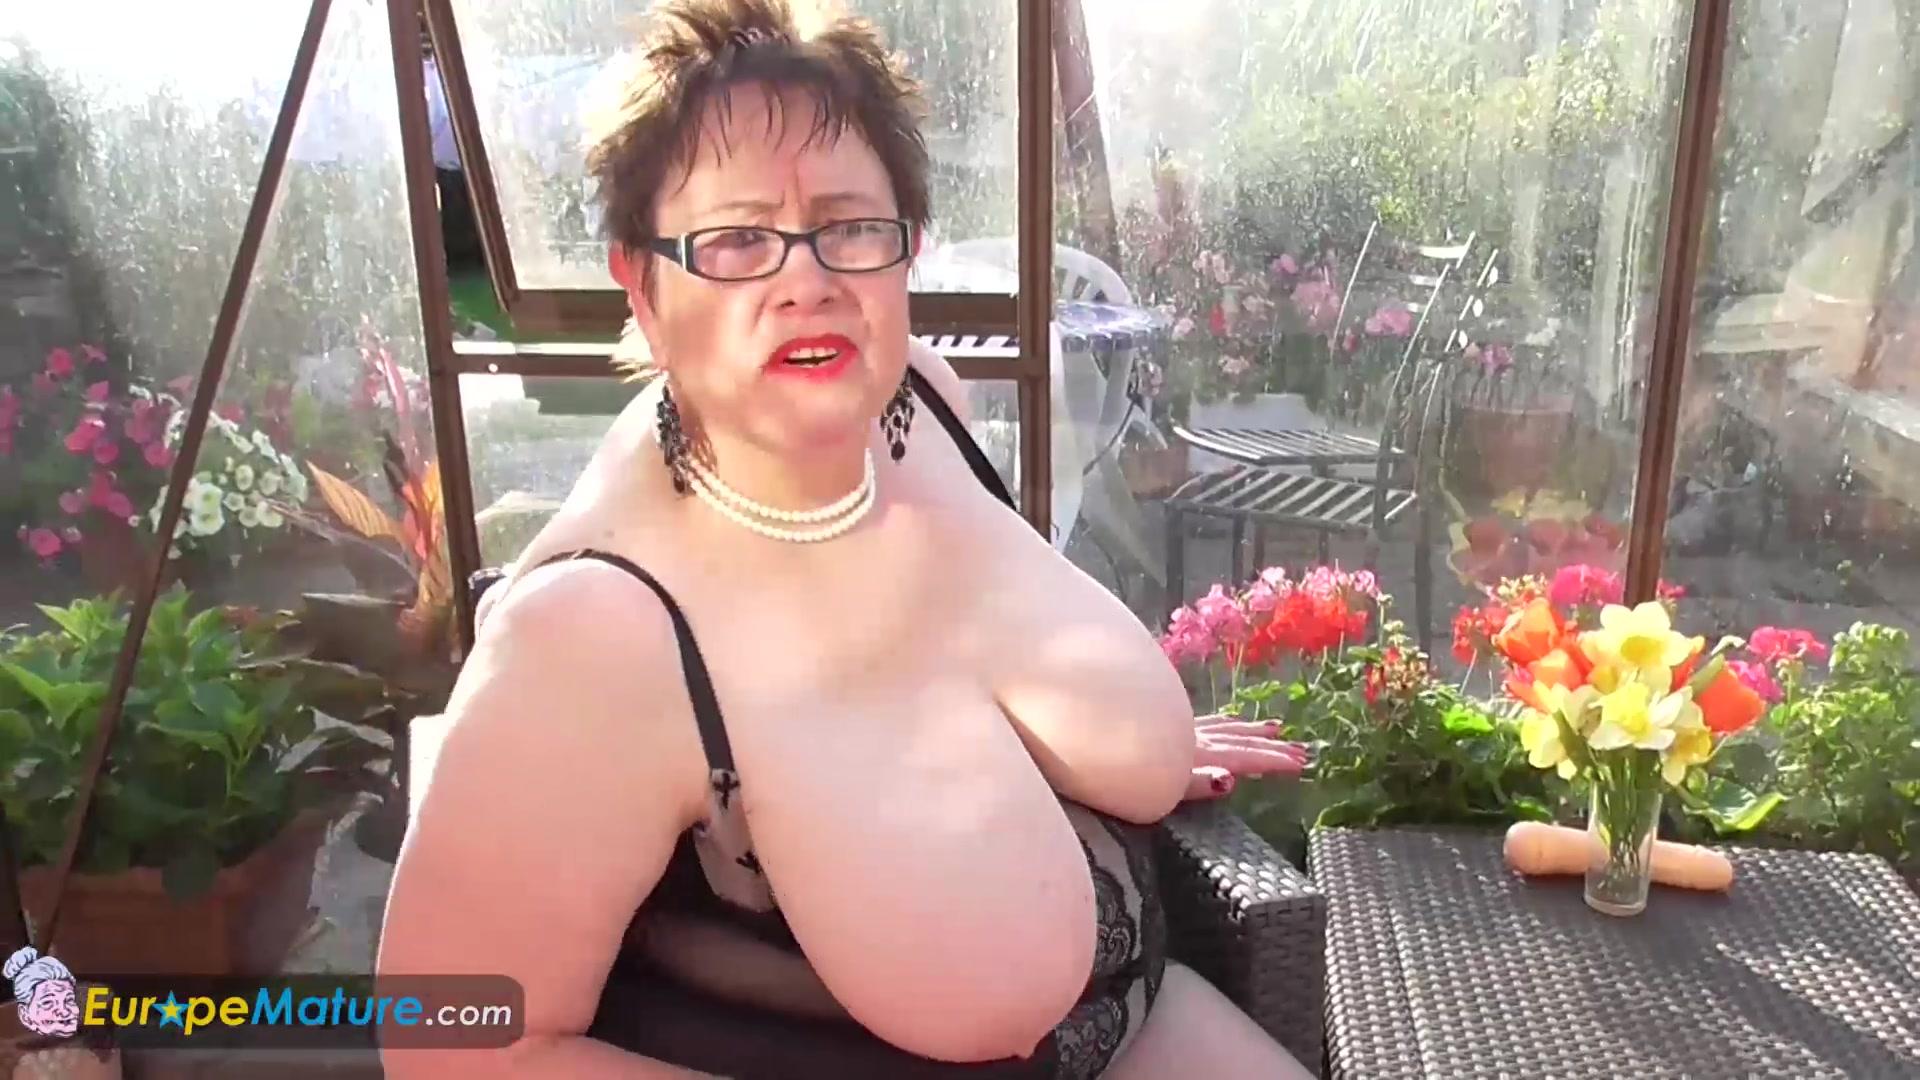 Sexy tied up porn xXx Photo Galleries